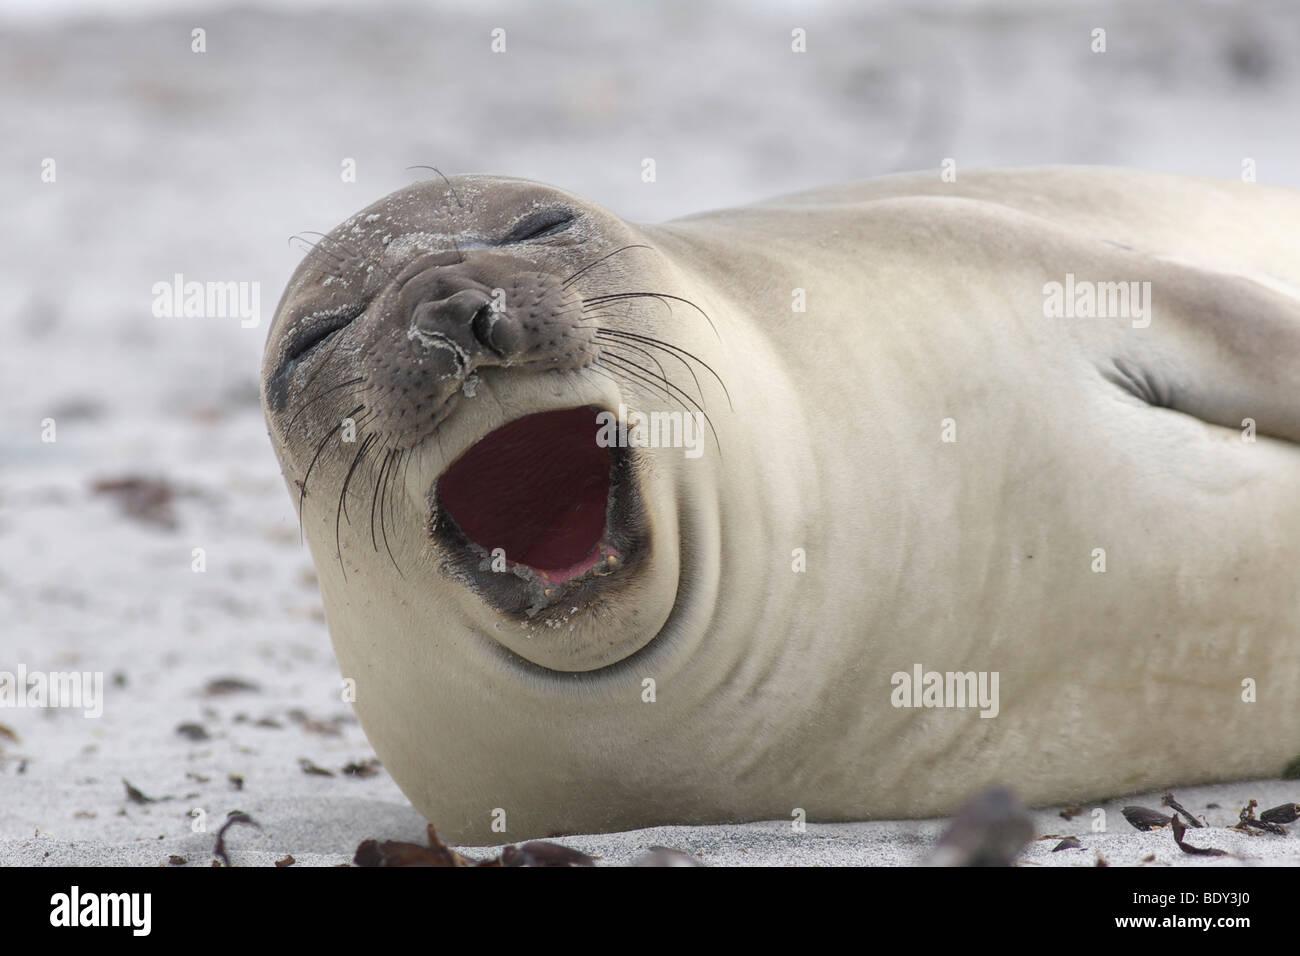 Southern Elephant Seal (Mirounga leonina), Falkland Islands - Stock Image